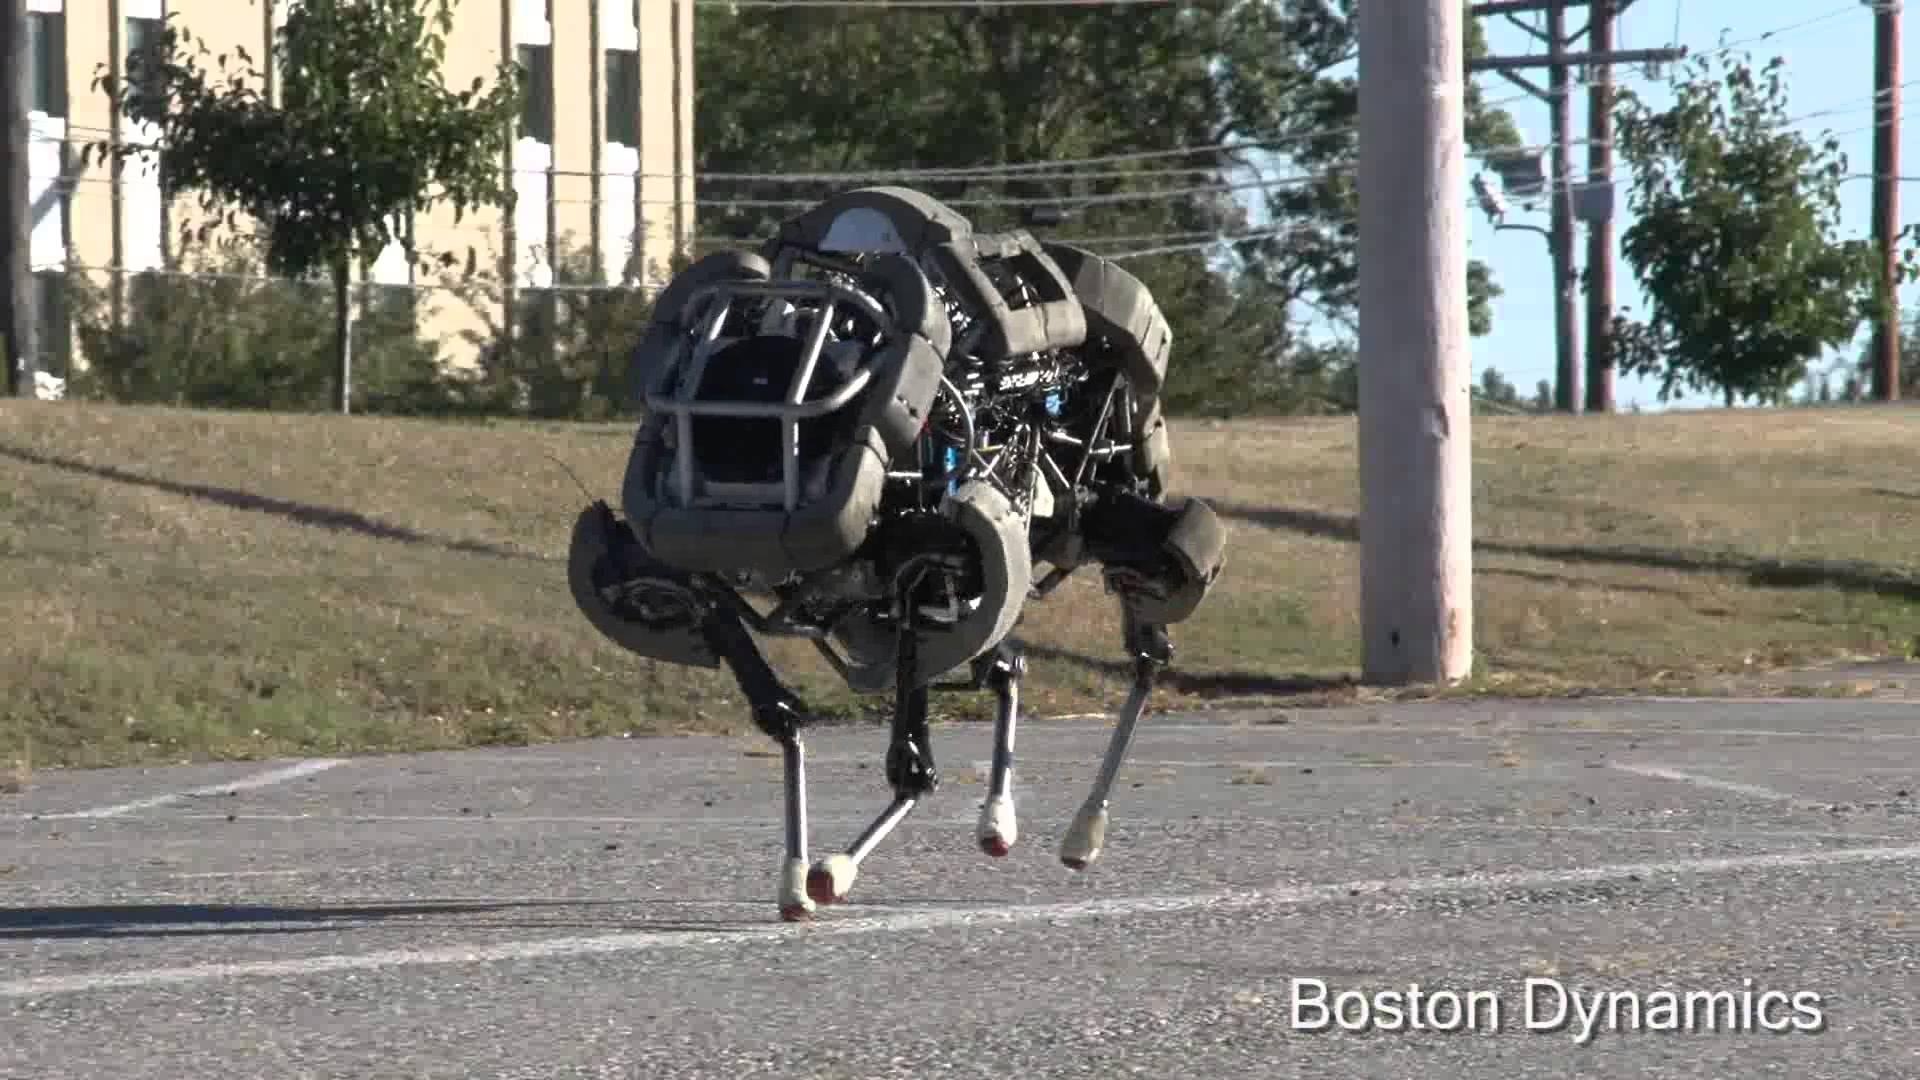 Checa las pruebas en campo abierto de un par de robots cuadrúpedos del Departamento de Defensa estadounidense